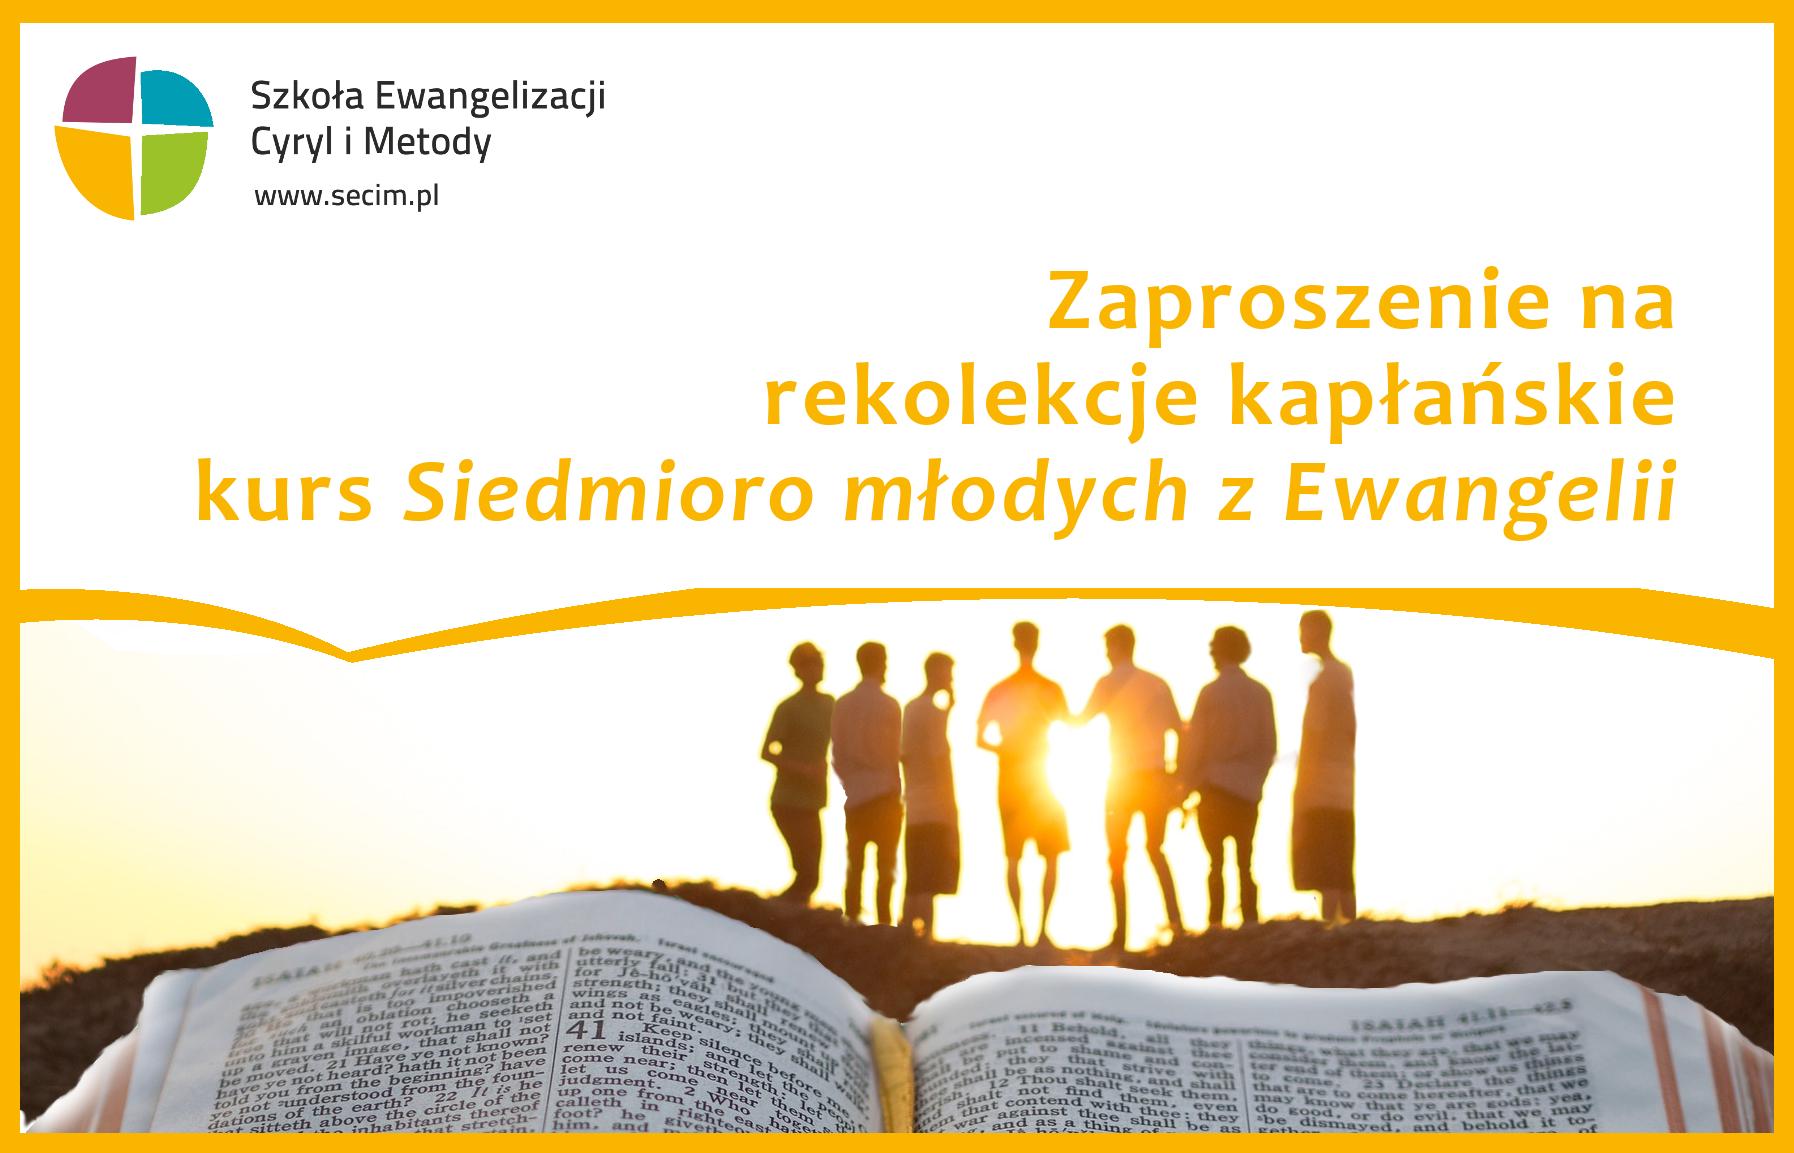 Rekolekcje kapłańskie kurs Siedmioro młodych z Ewangelii